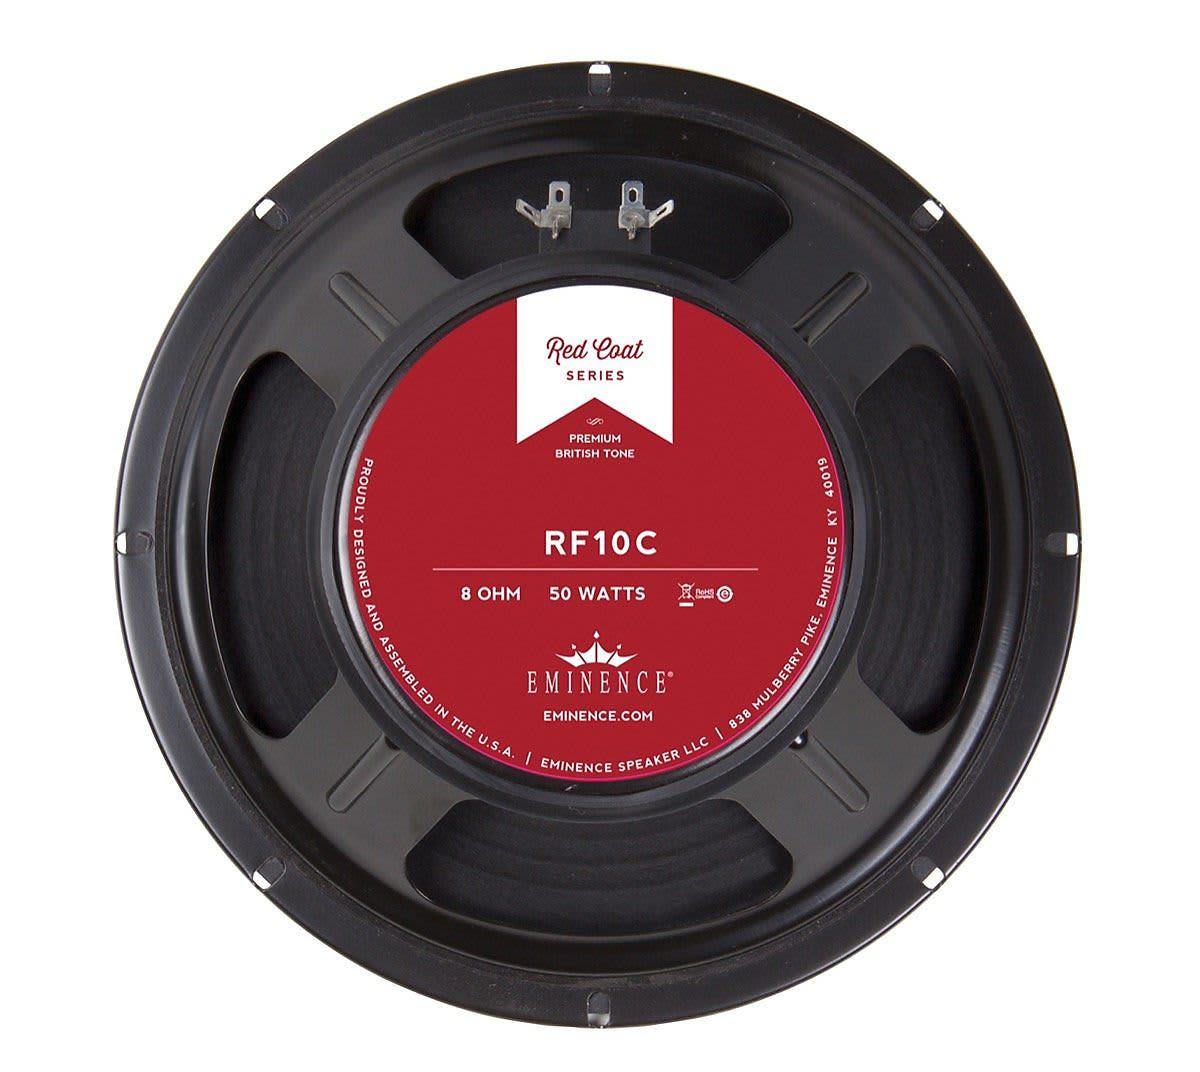 Eminence Rf10c Redcoat Red Fang Guitar Speaker 10 Inch 8